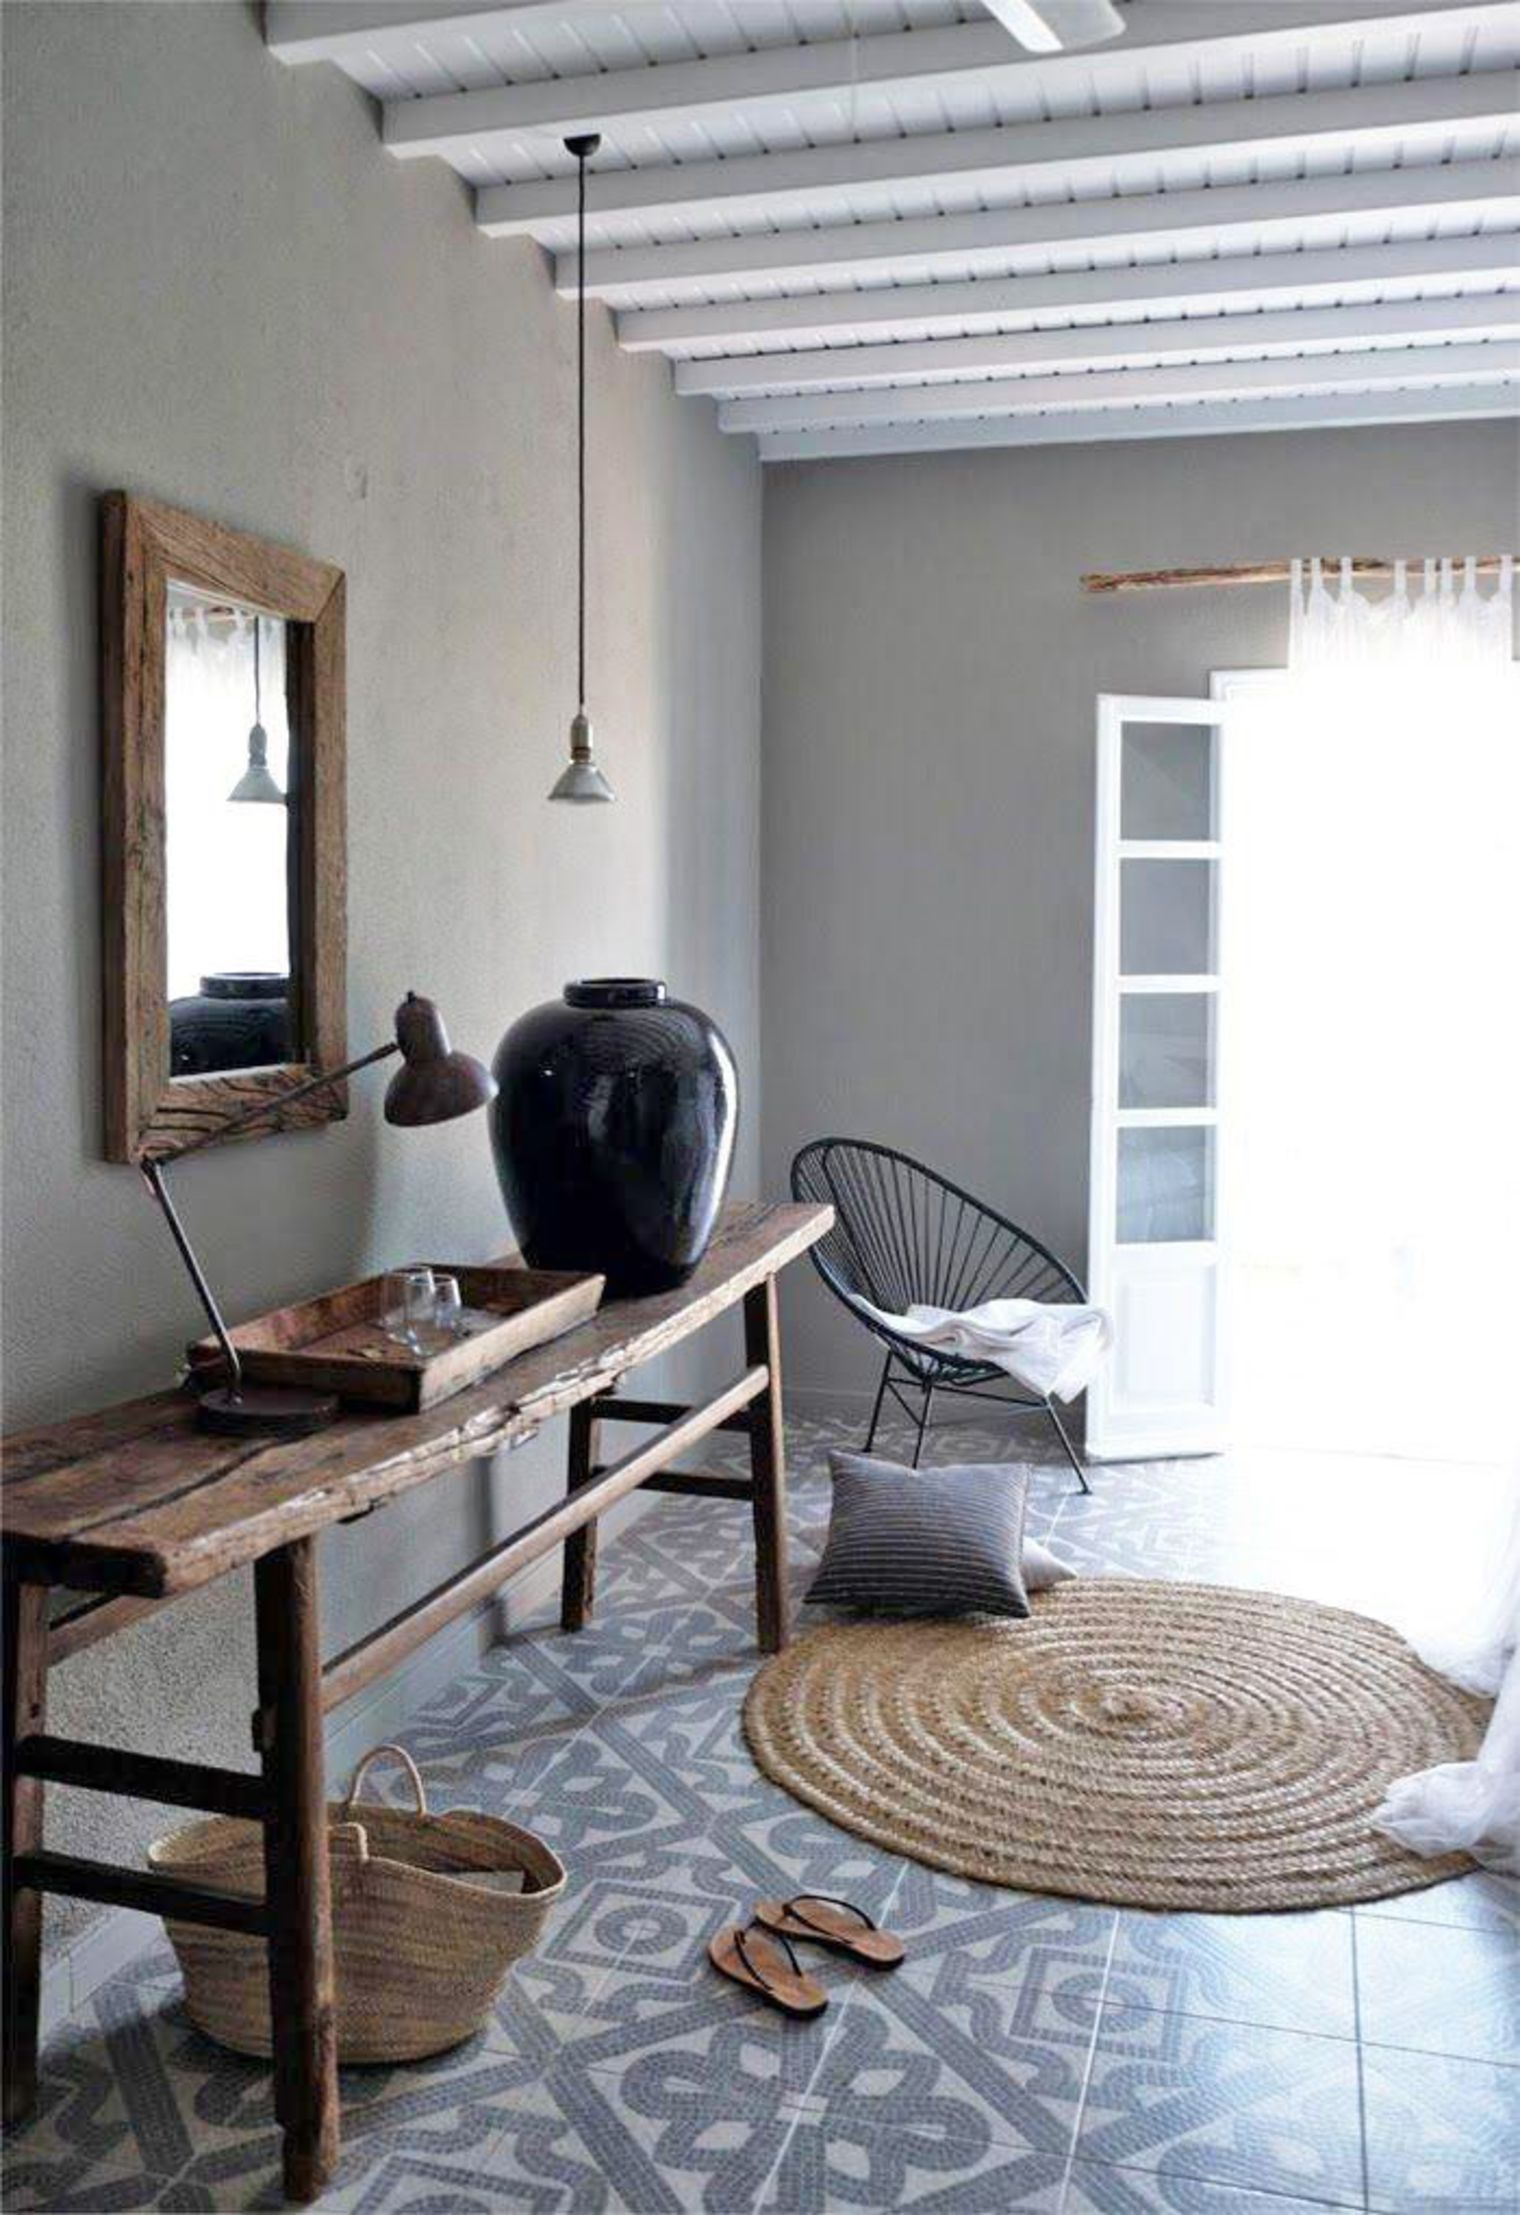 Cuisine: Tanguy Materiaux Porte D Entree Nativ Jpg × Deco ... destiné Amanagement Extarieur Maison